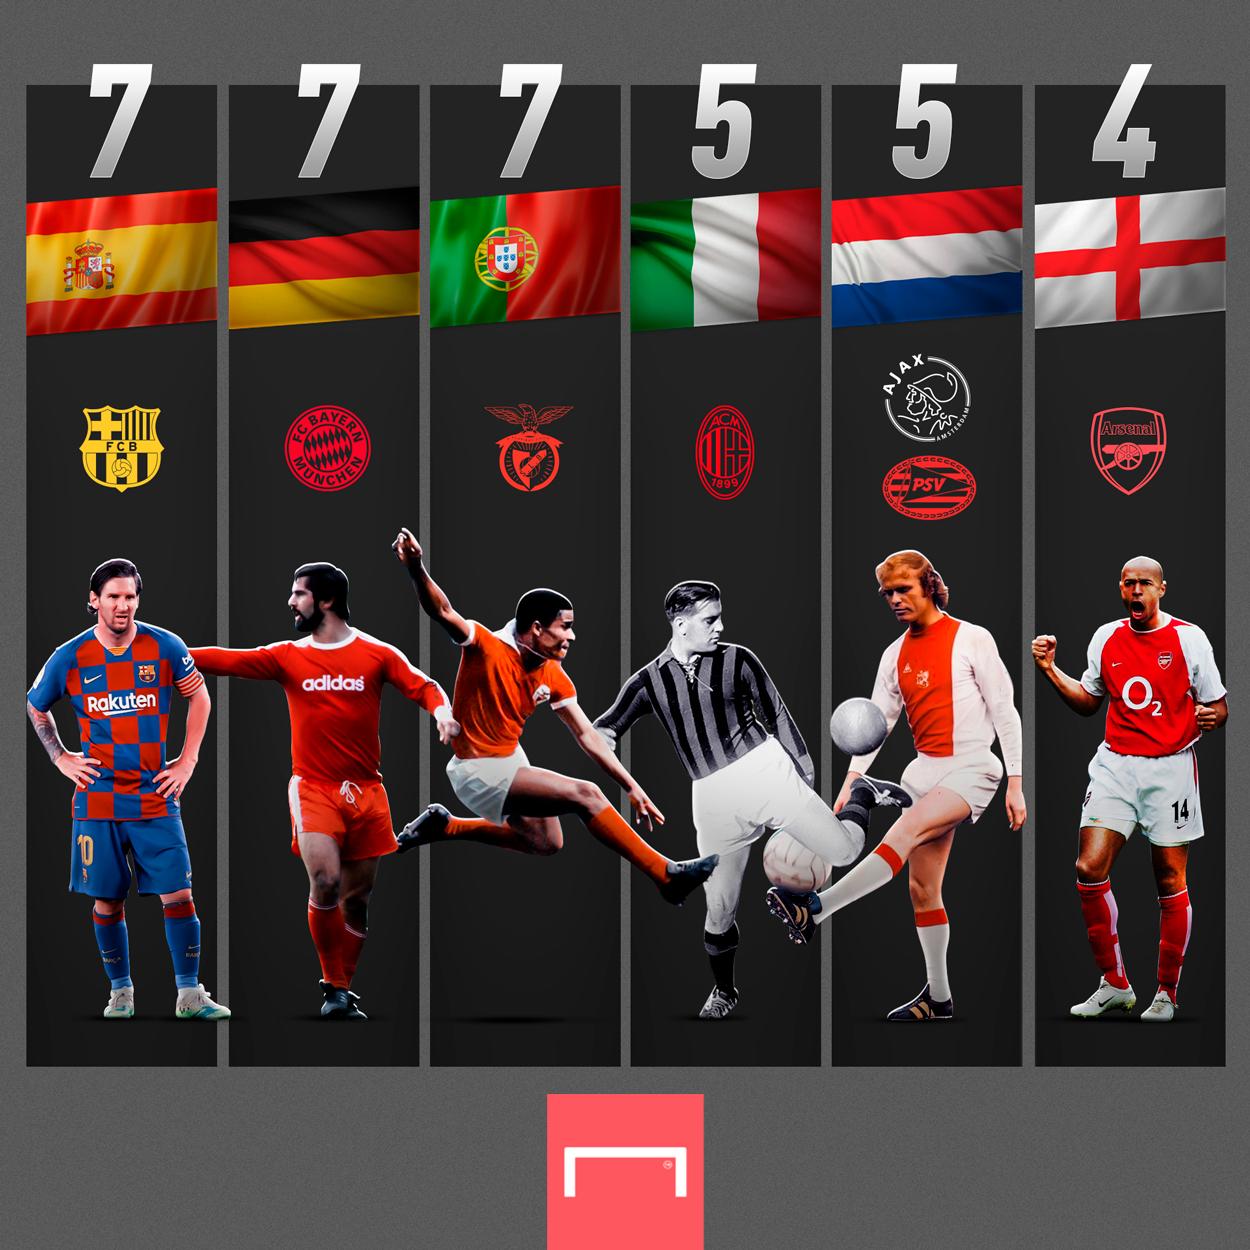 获得欧洲主流联赛最佳射手次数最多的球员,梅西还有机会破纪录。  足球话题区